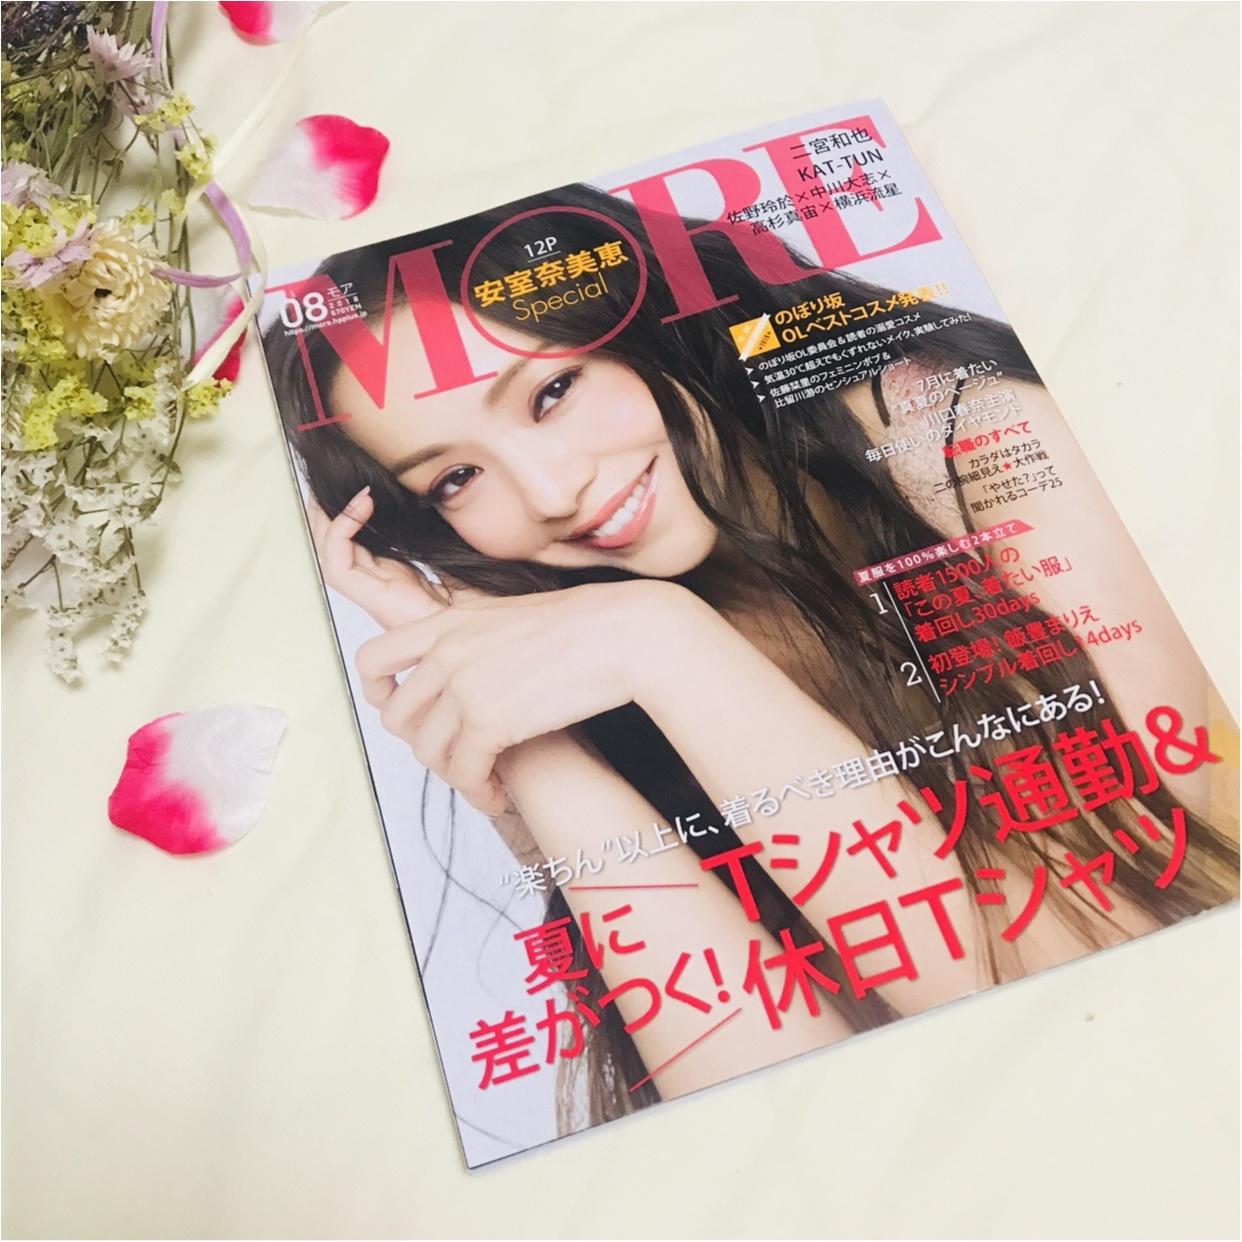 購入必須!MORE8月号発売✩安室奈美恵さん表紙♡今月は3つ記事に載せていただいてます¨̮_1